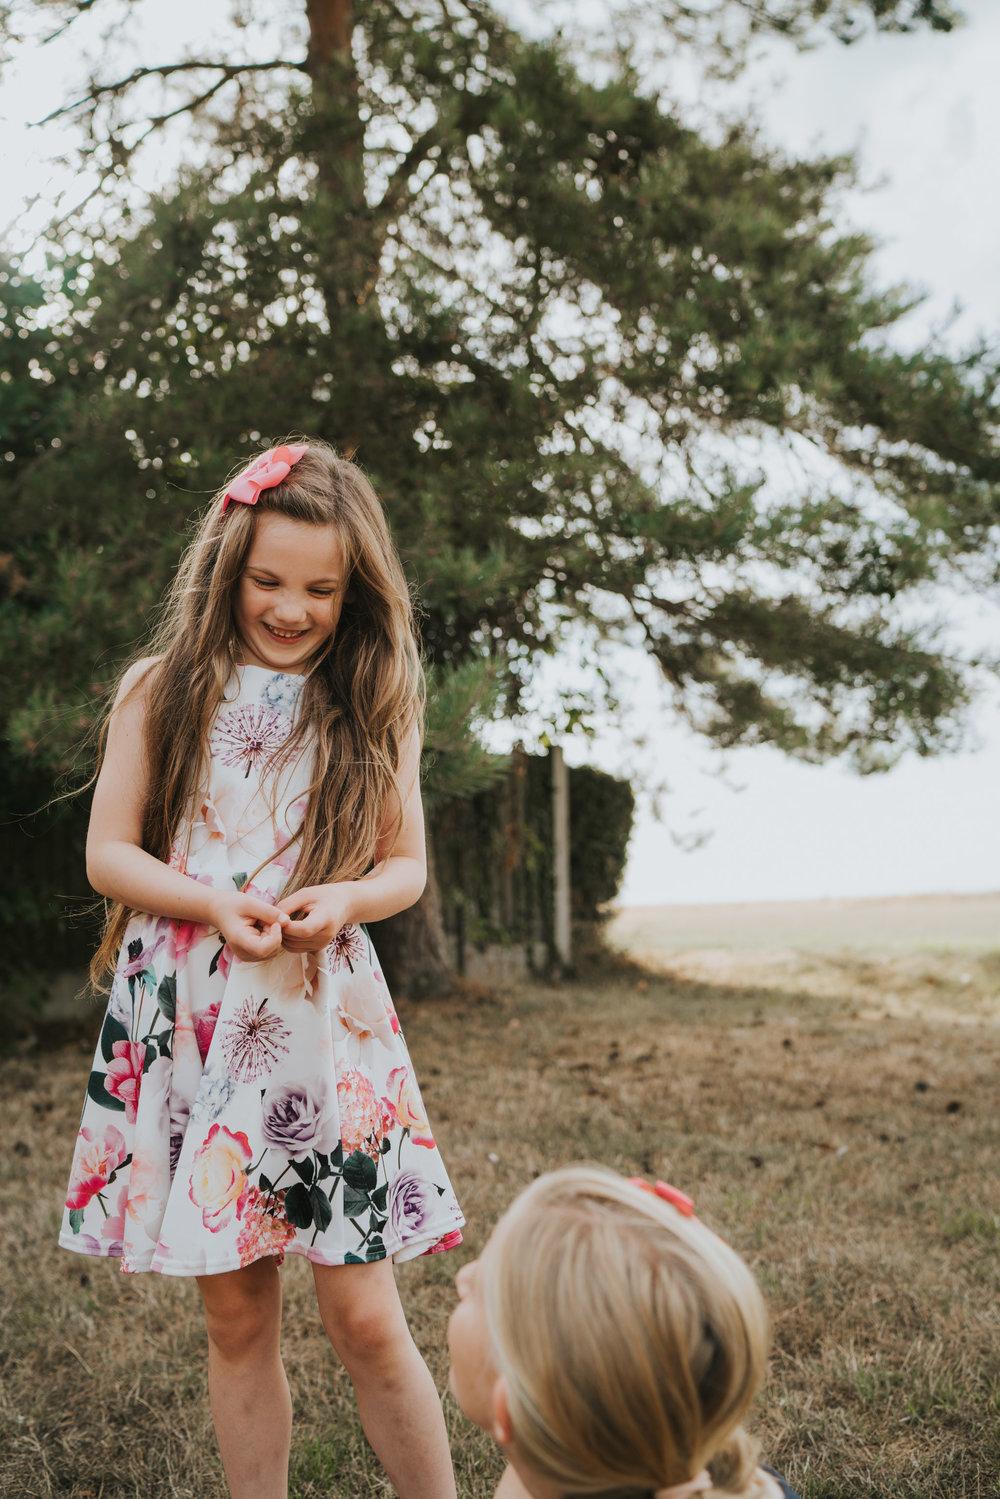 Grace-Elizabeth-Extended-Family-Session-Essex-Lifestyle-Shoot-Essex-Alternative-Wedding-Photographer-Colchester-Essex-Suffolk-Devon-Norfolk (12 of 47).jpg